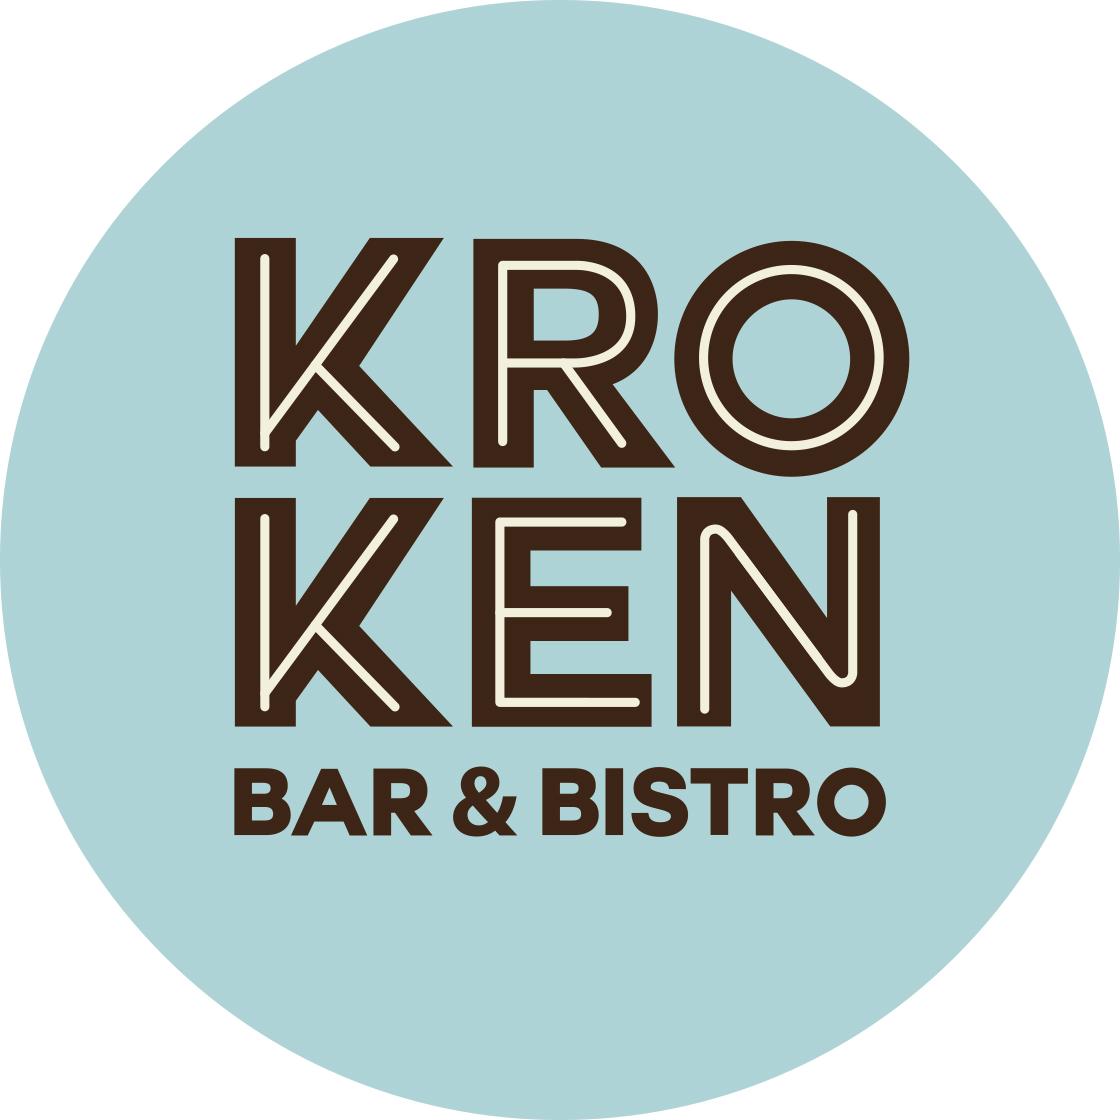 Kroken Bar & Bistro / Kjøkken Kroken